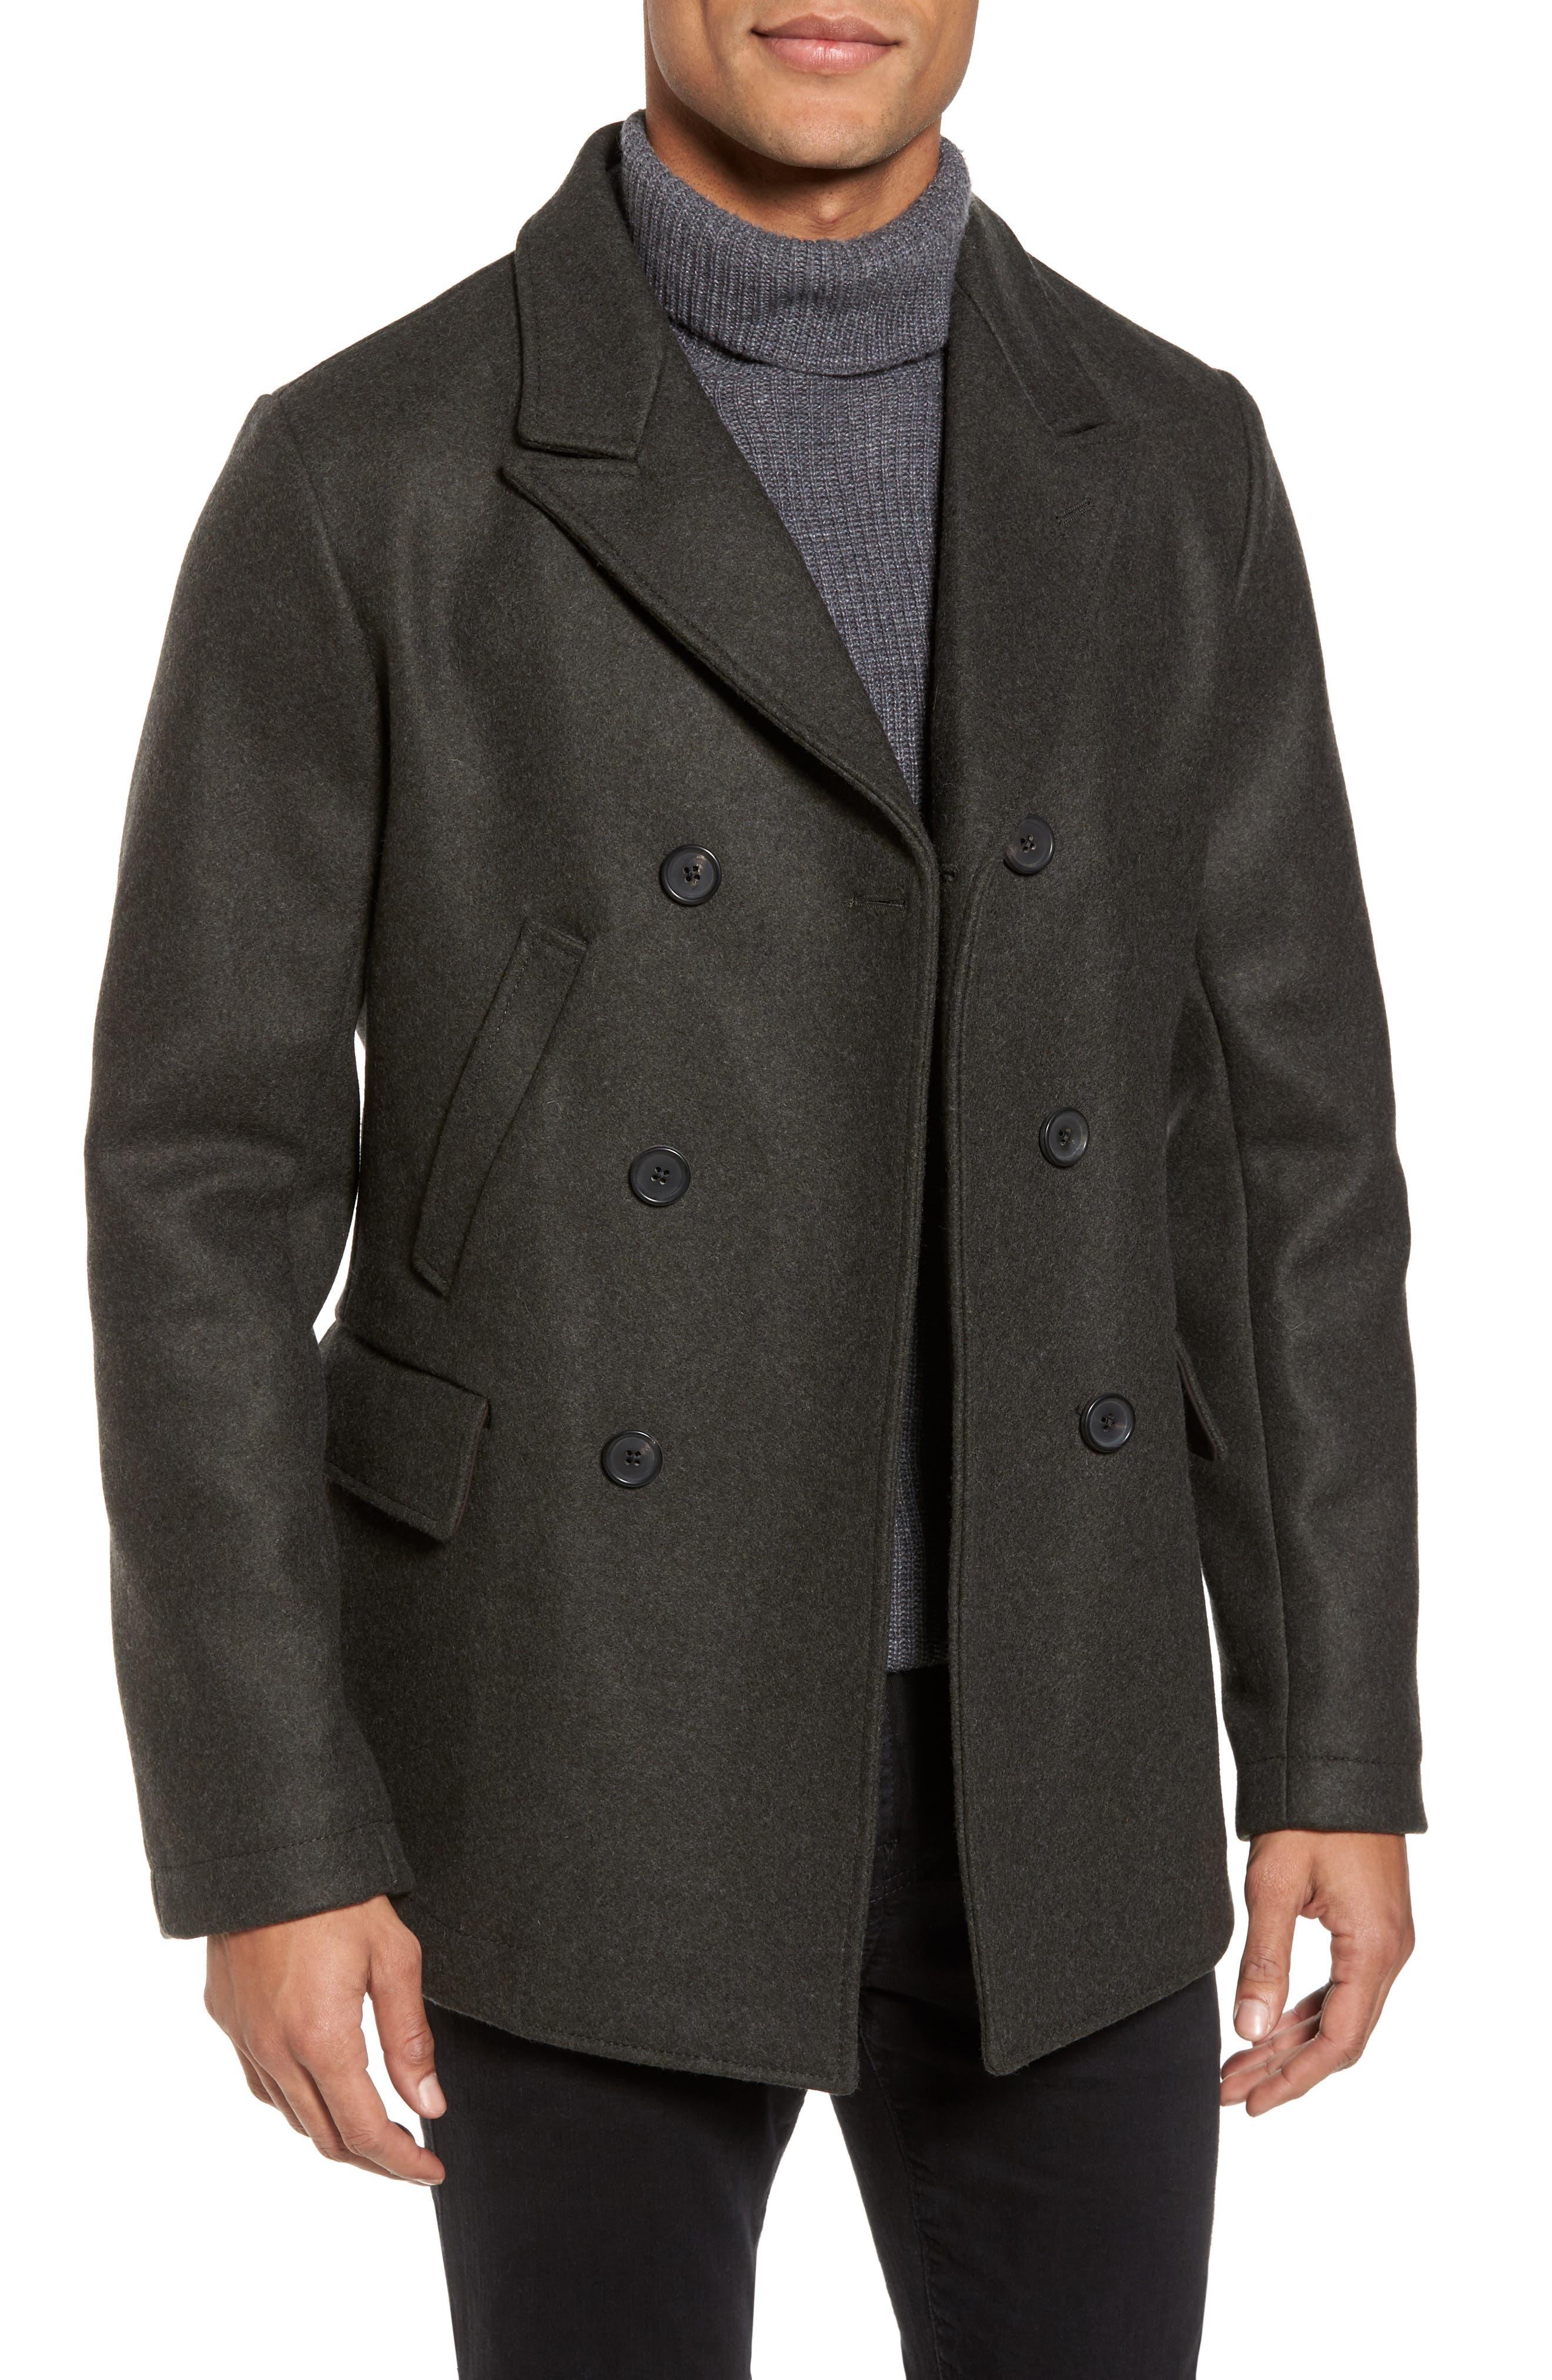 Alternate Image 1 Selected - Billy Reid 'Bond' Wool Blend Peacoat